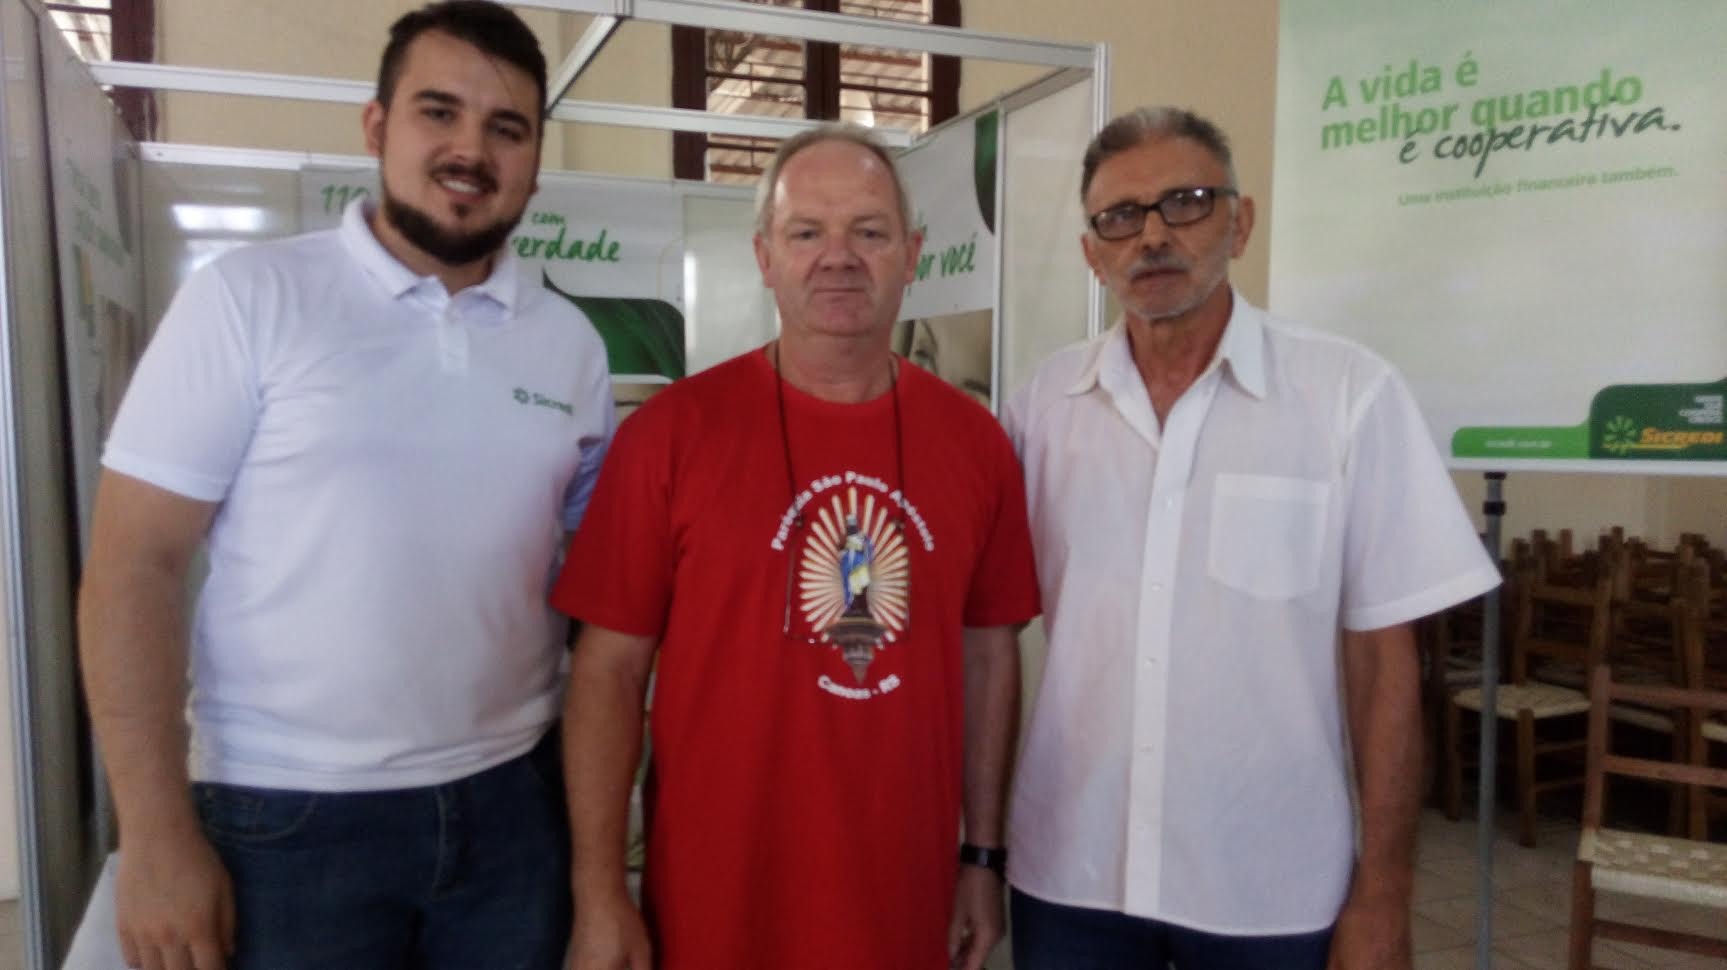 Representante do banco Sicredi, Padre Jorge Lermen e 1º vice presidente, Itamar Barboza da Silva visitando os standes .